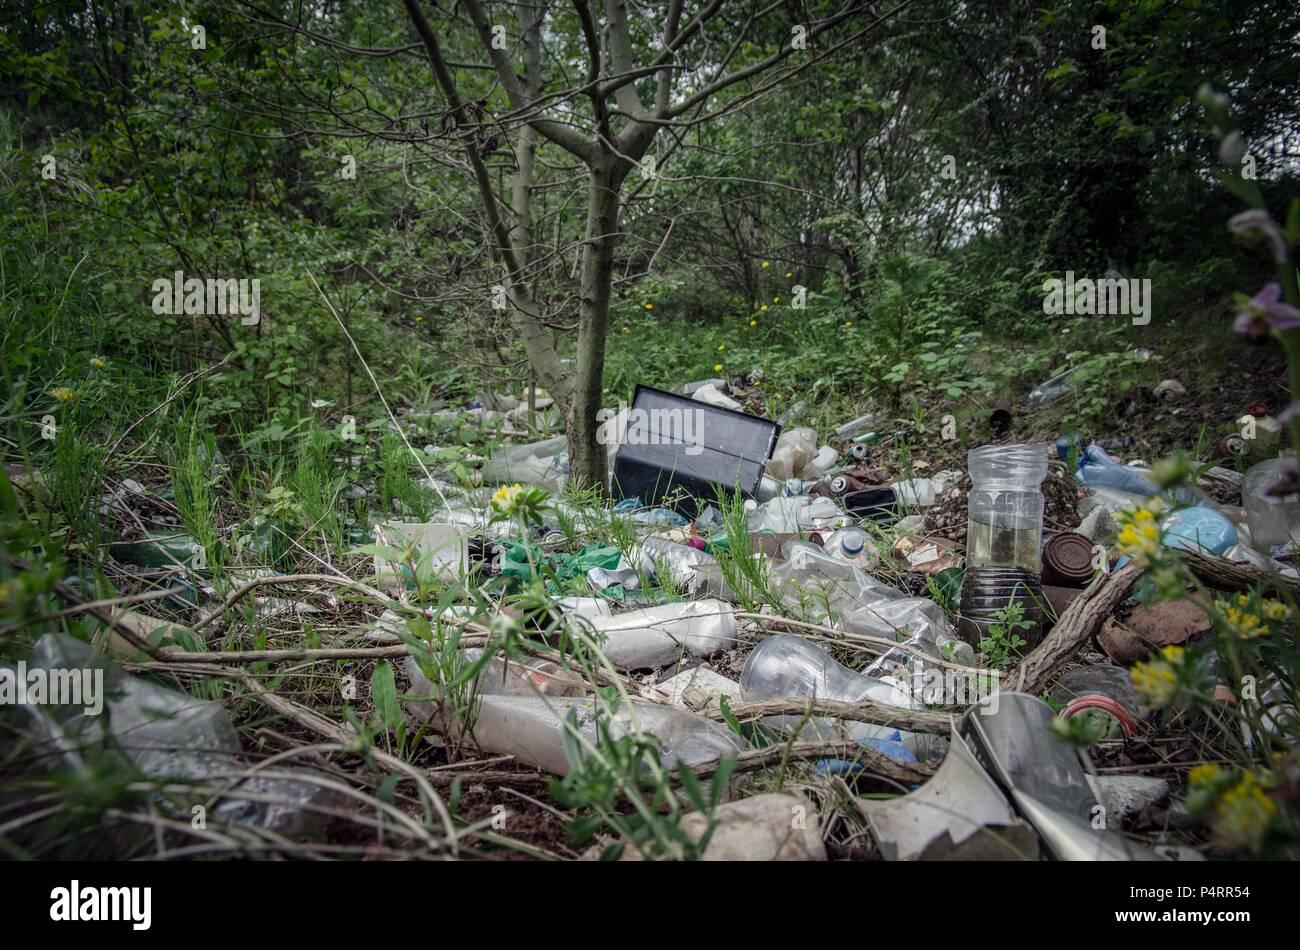 Piles of refuse, mainly plastic, abandoned amongst trees in urban woodland, West Midlands, UK. - Stock Image